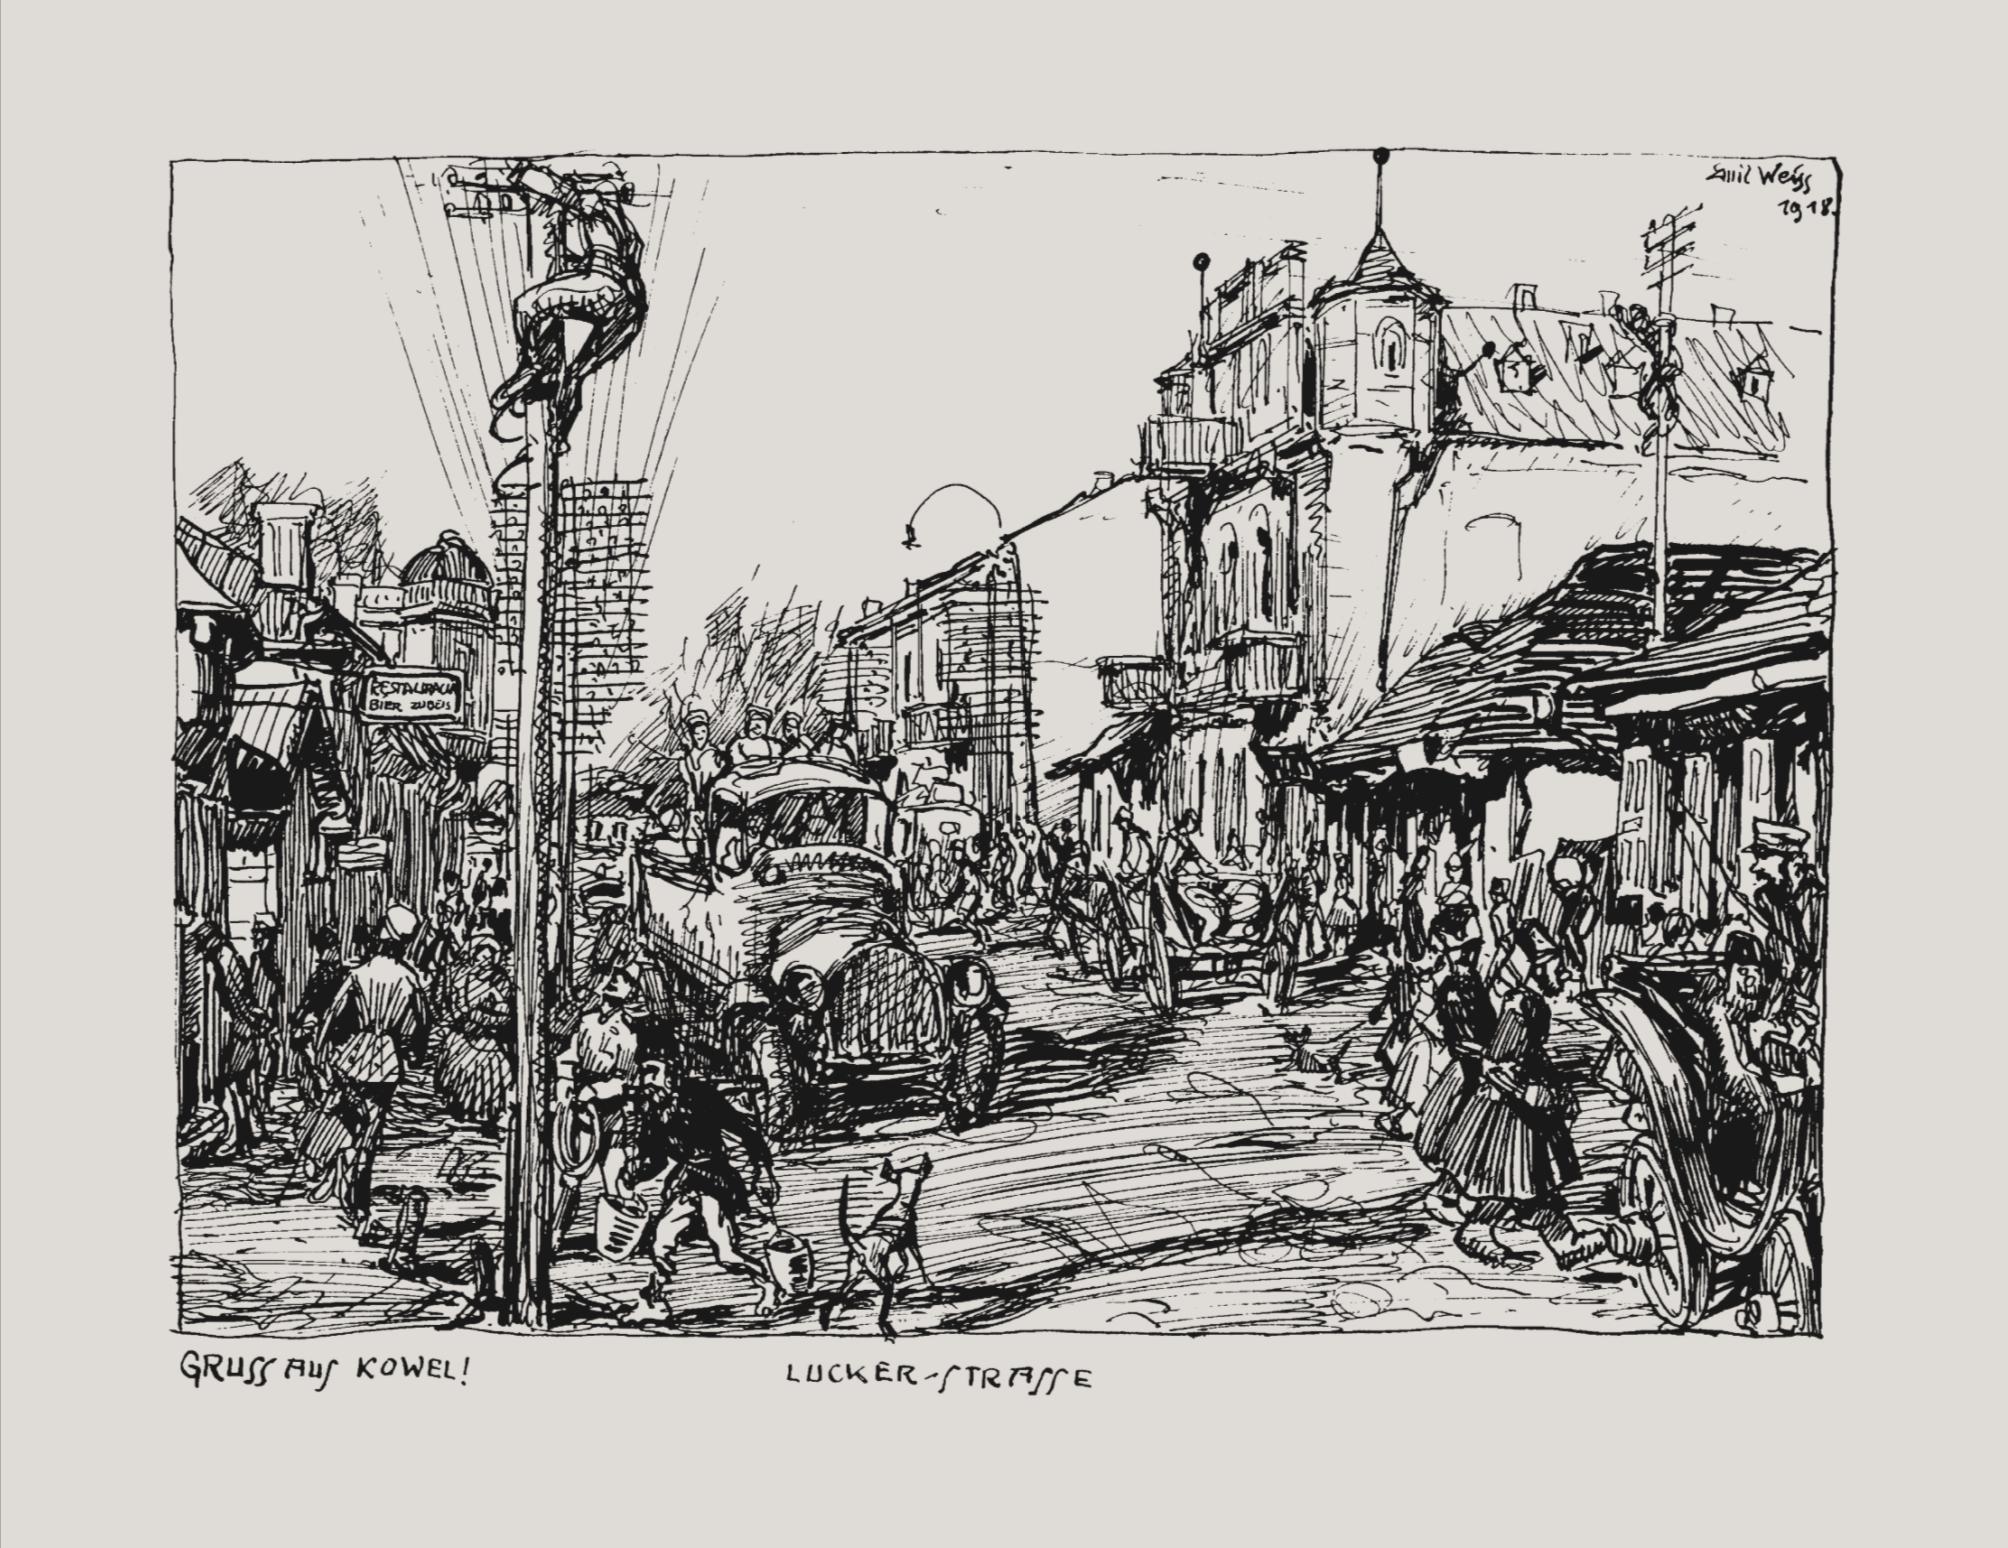 Emil Weiss documented World War I through art